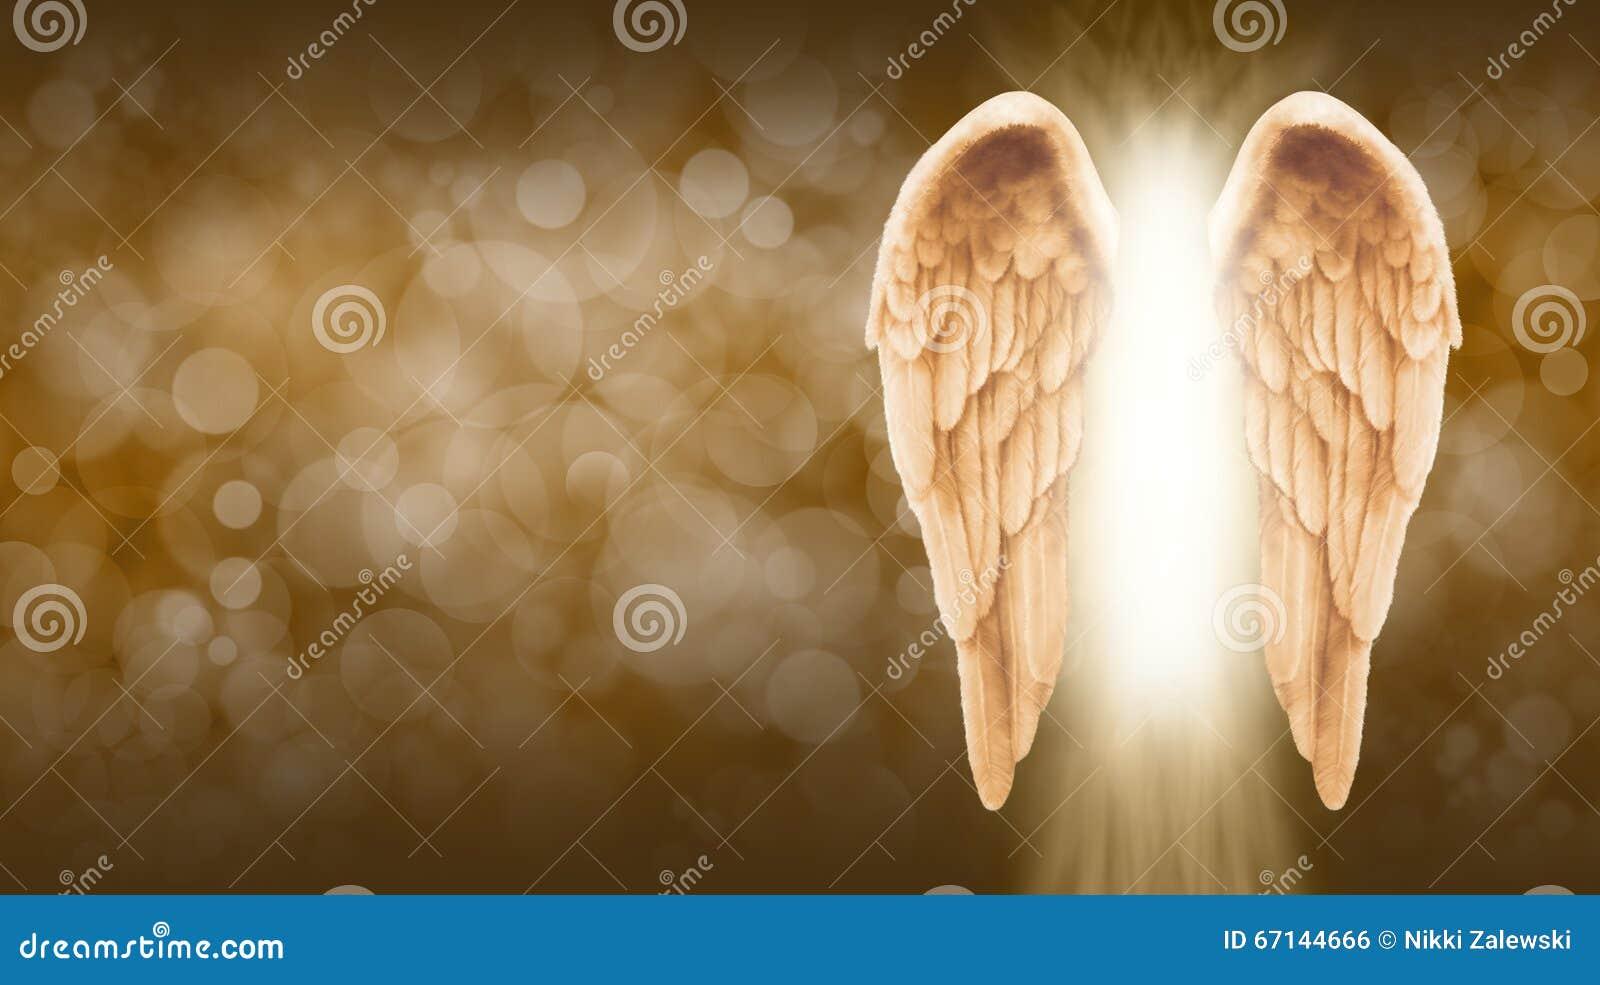 Golden Angel Wings On Golden Brown Bokeh Banner Stock